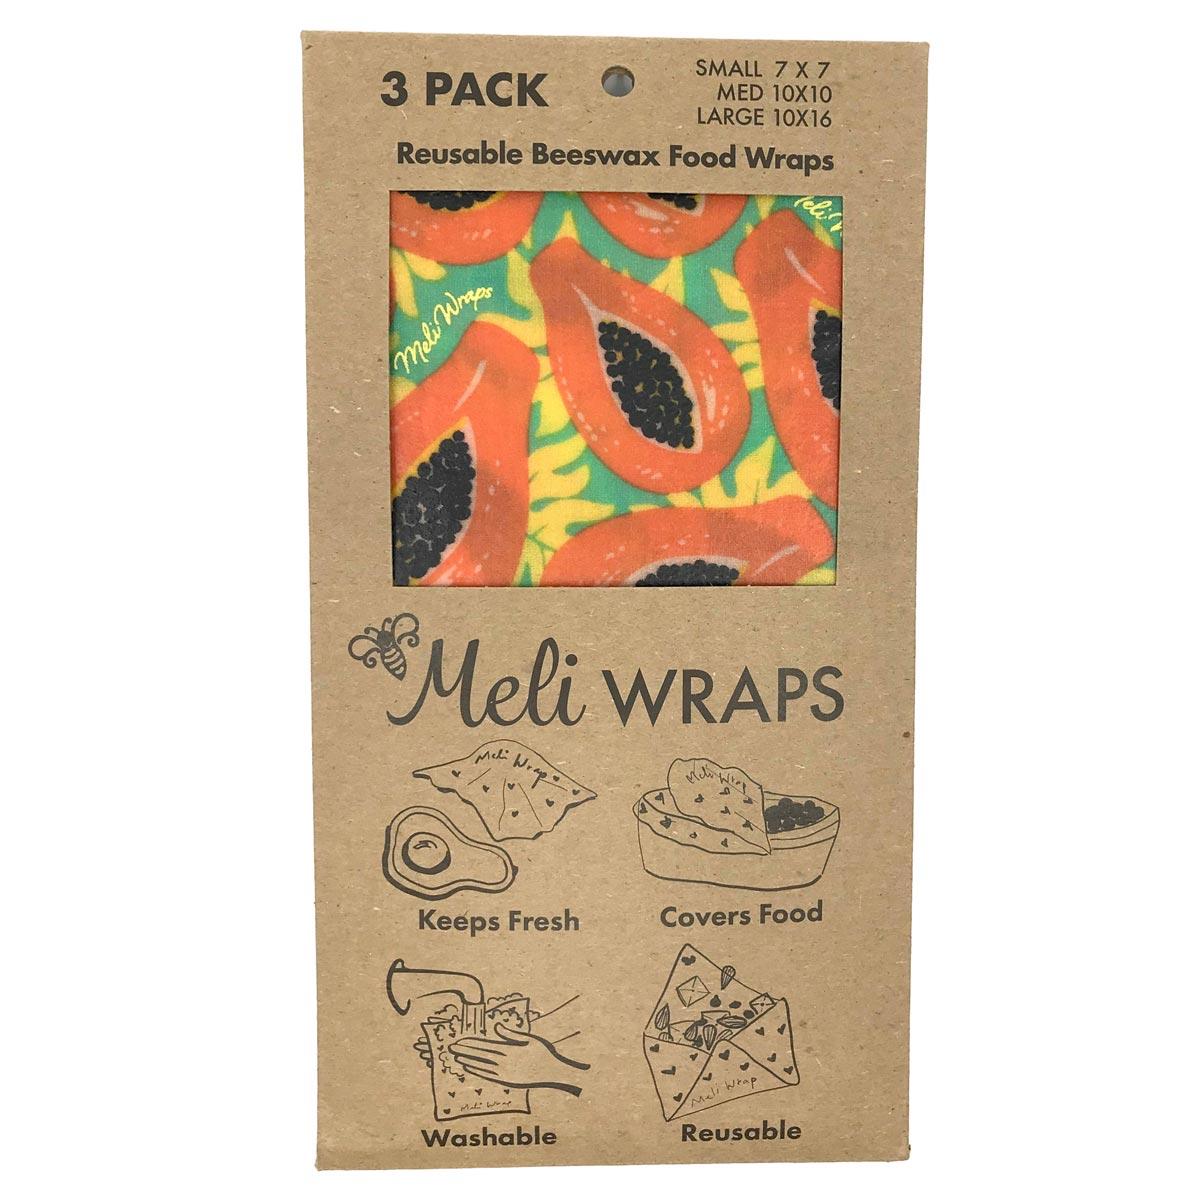 Meli Wraps 3-Pack (Sm/Med/Lrg) Reusable Beeswax Food Wrap, Tropical Papaya Print